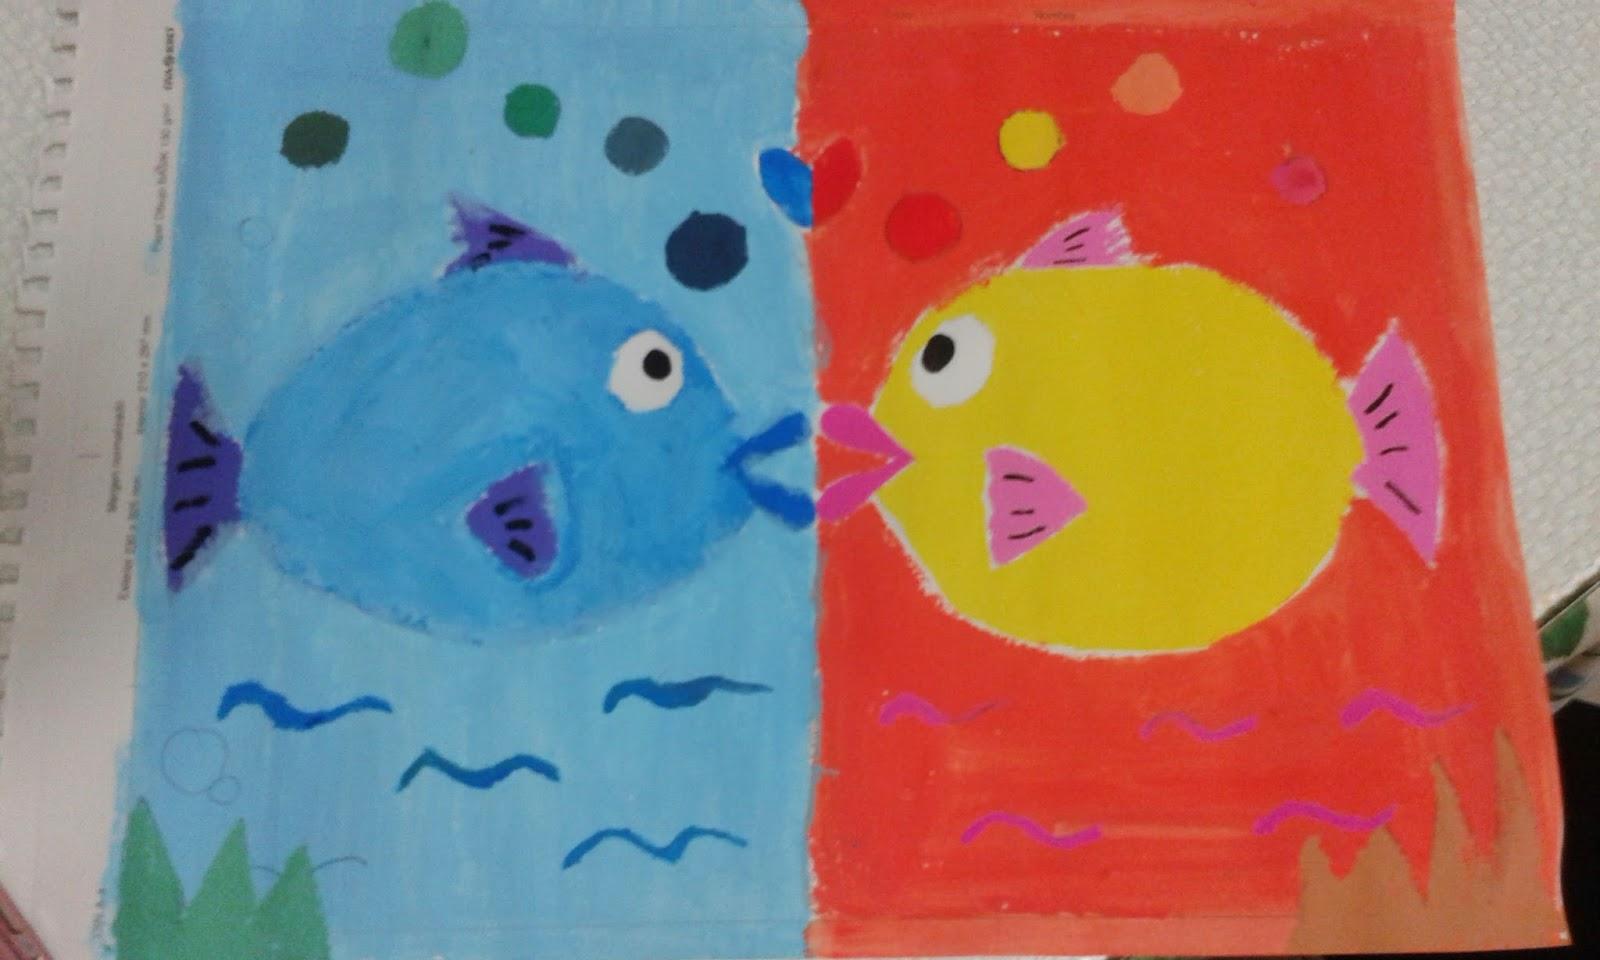 El arte de crear sonrisas colores c lidos y fr os - Imagenes de colores calidos ...